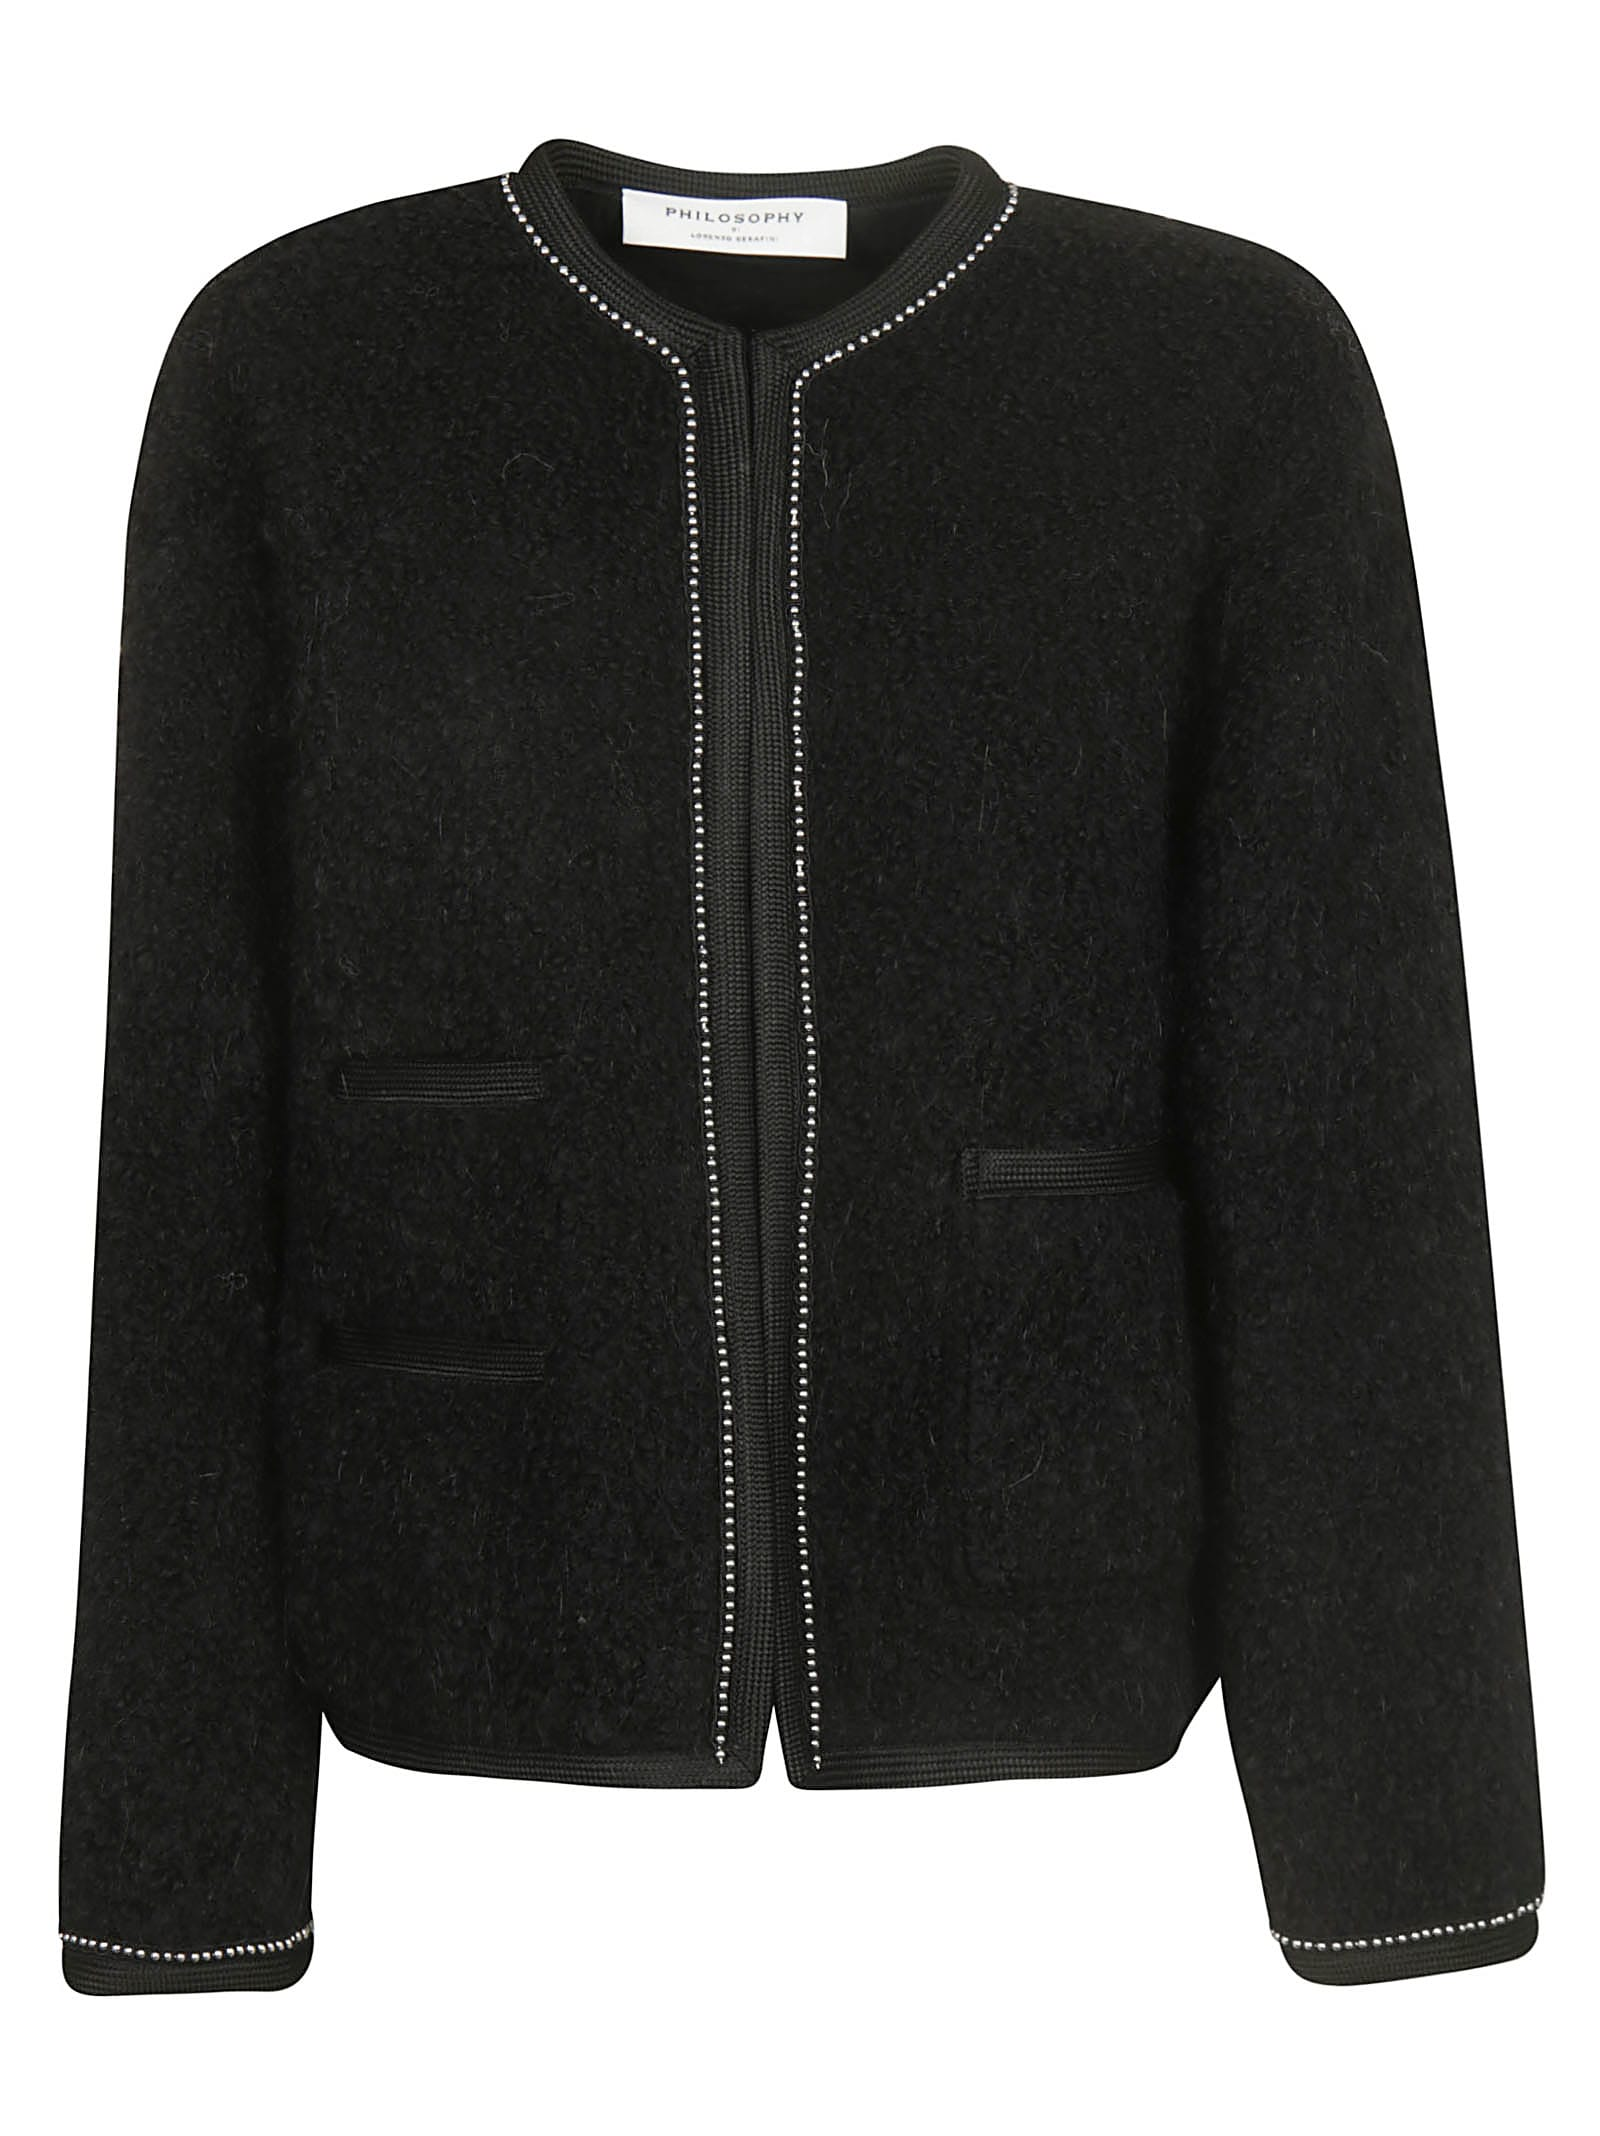 Philosophy di Lorenzo Serafini Embellished Jacket